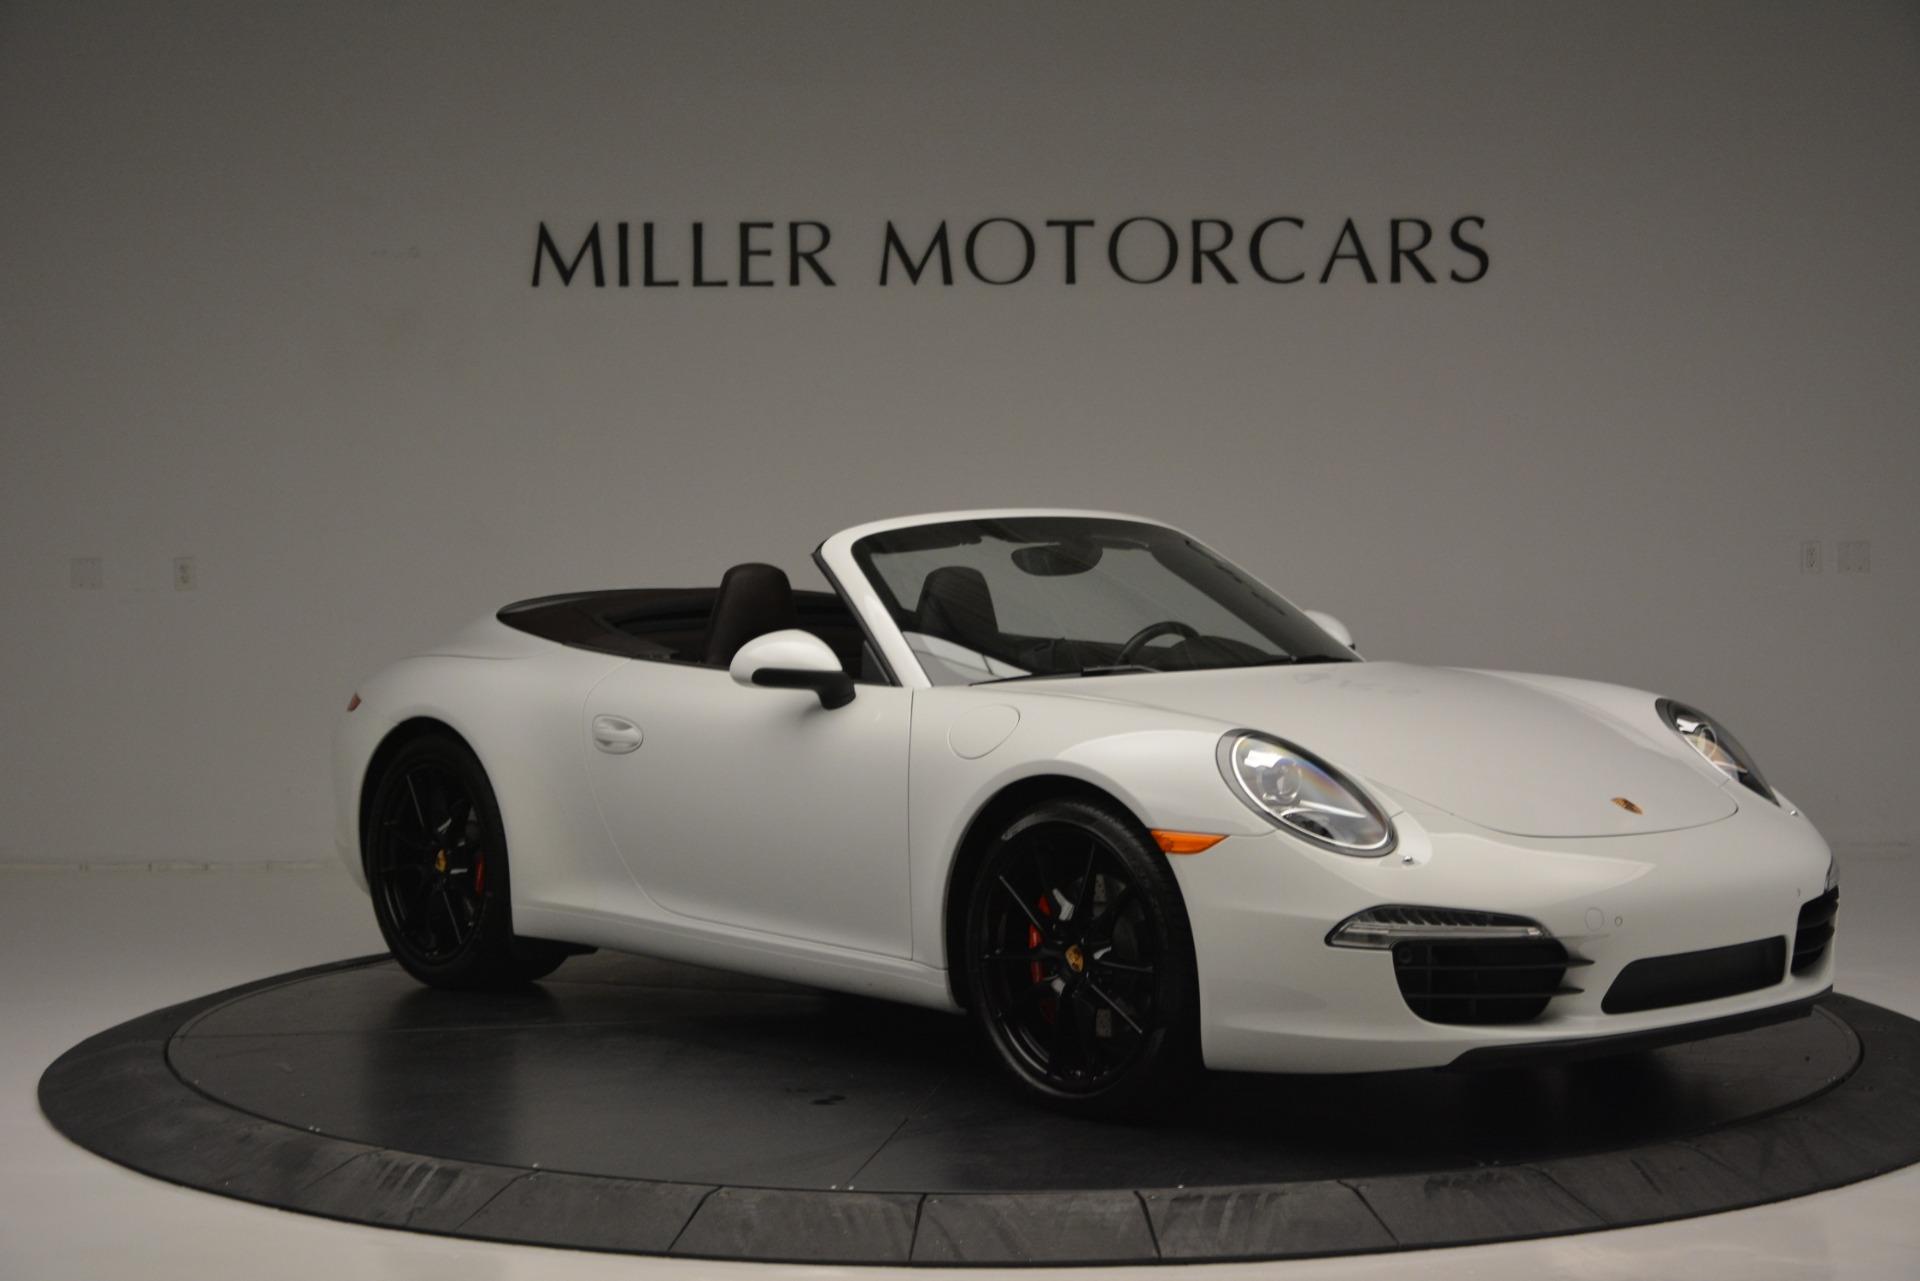 Used 2015 Porsche 911 Carrera S For Sale In Greenwich, CT 2578_p11